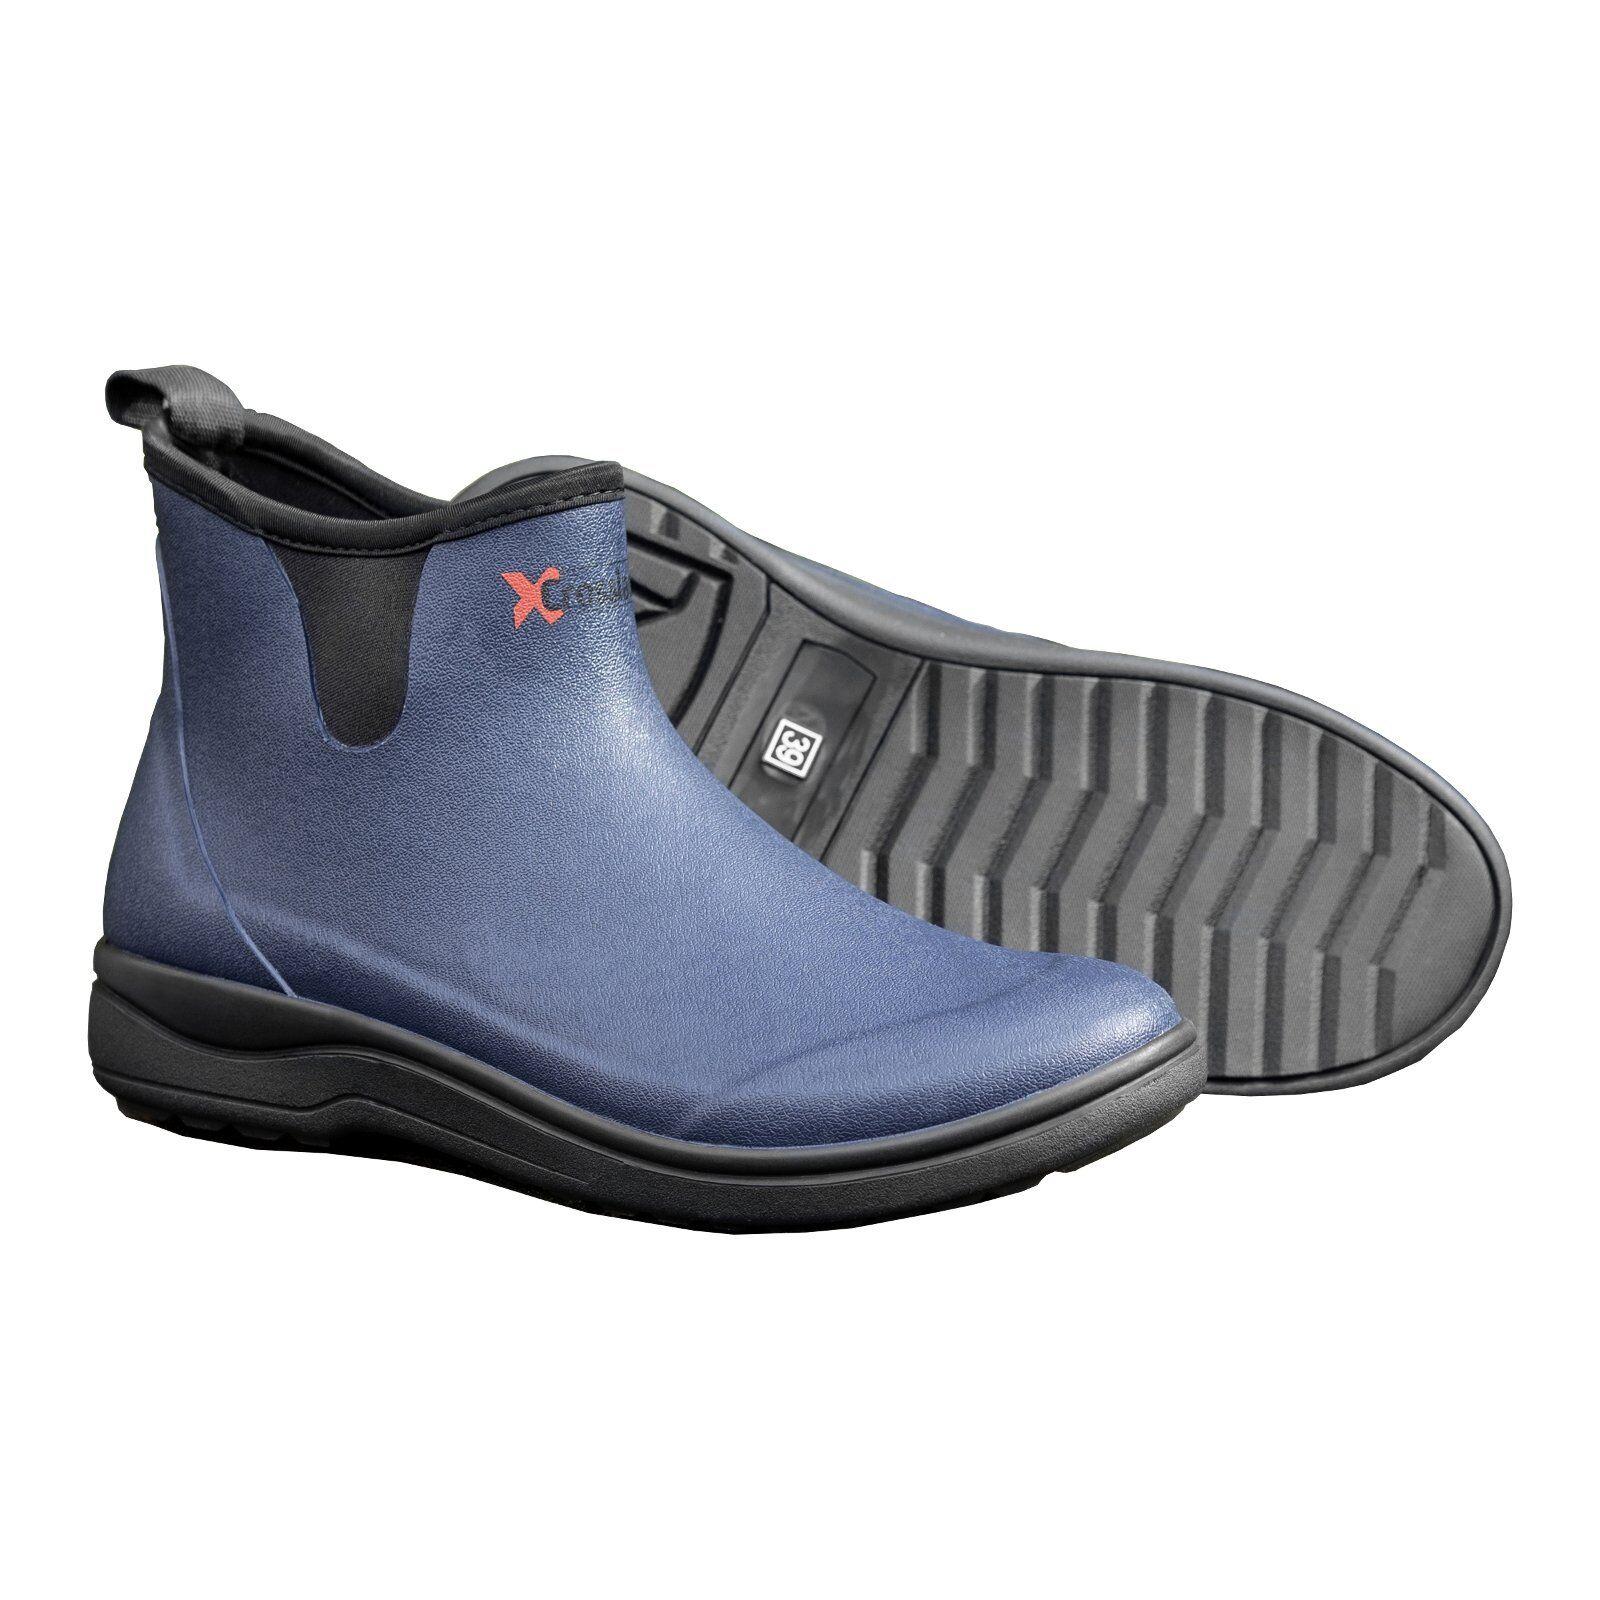 Crosslander Outdoor Gummistiefel Stiefel Malmö marine 45 Gummistiefel Outdoor RegenZapatos Zapatos d1fb8d